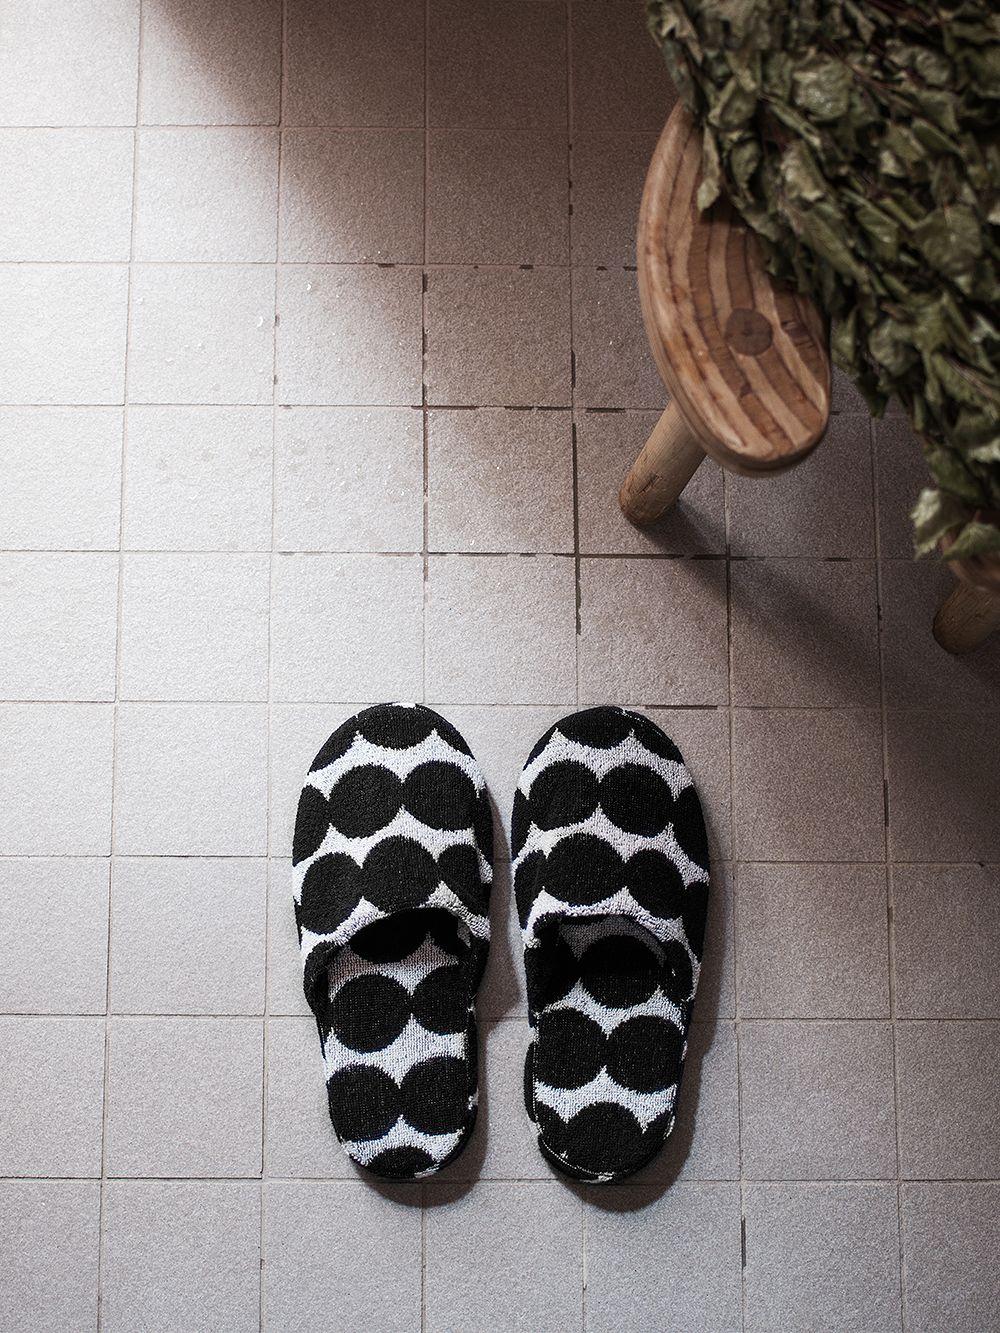 Marimekon Räsymatto-tohvelit kylpyhuoneen lattialla.